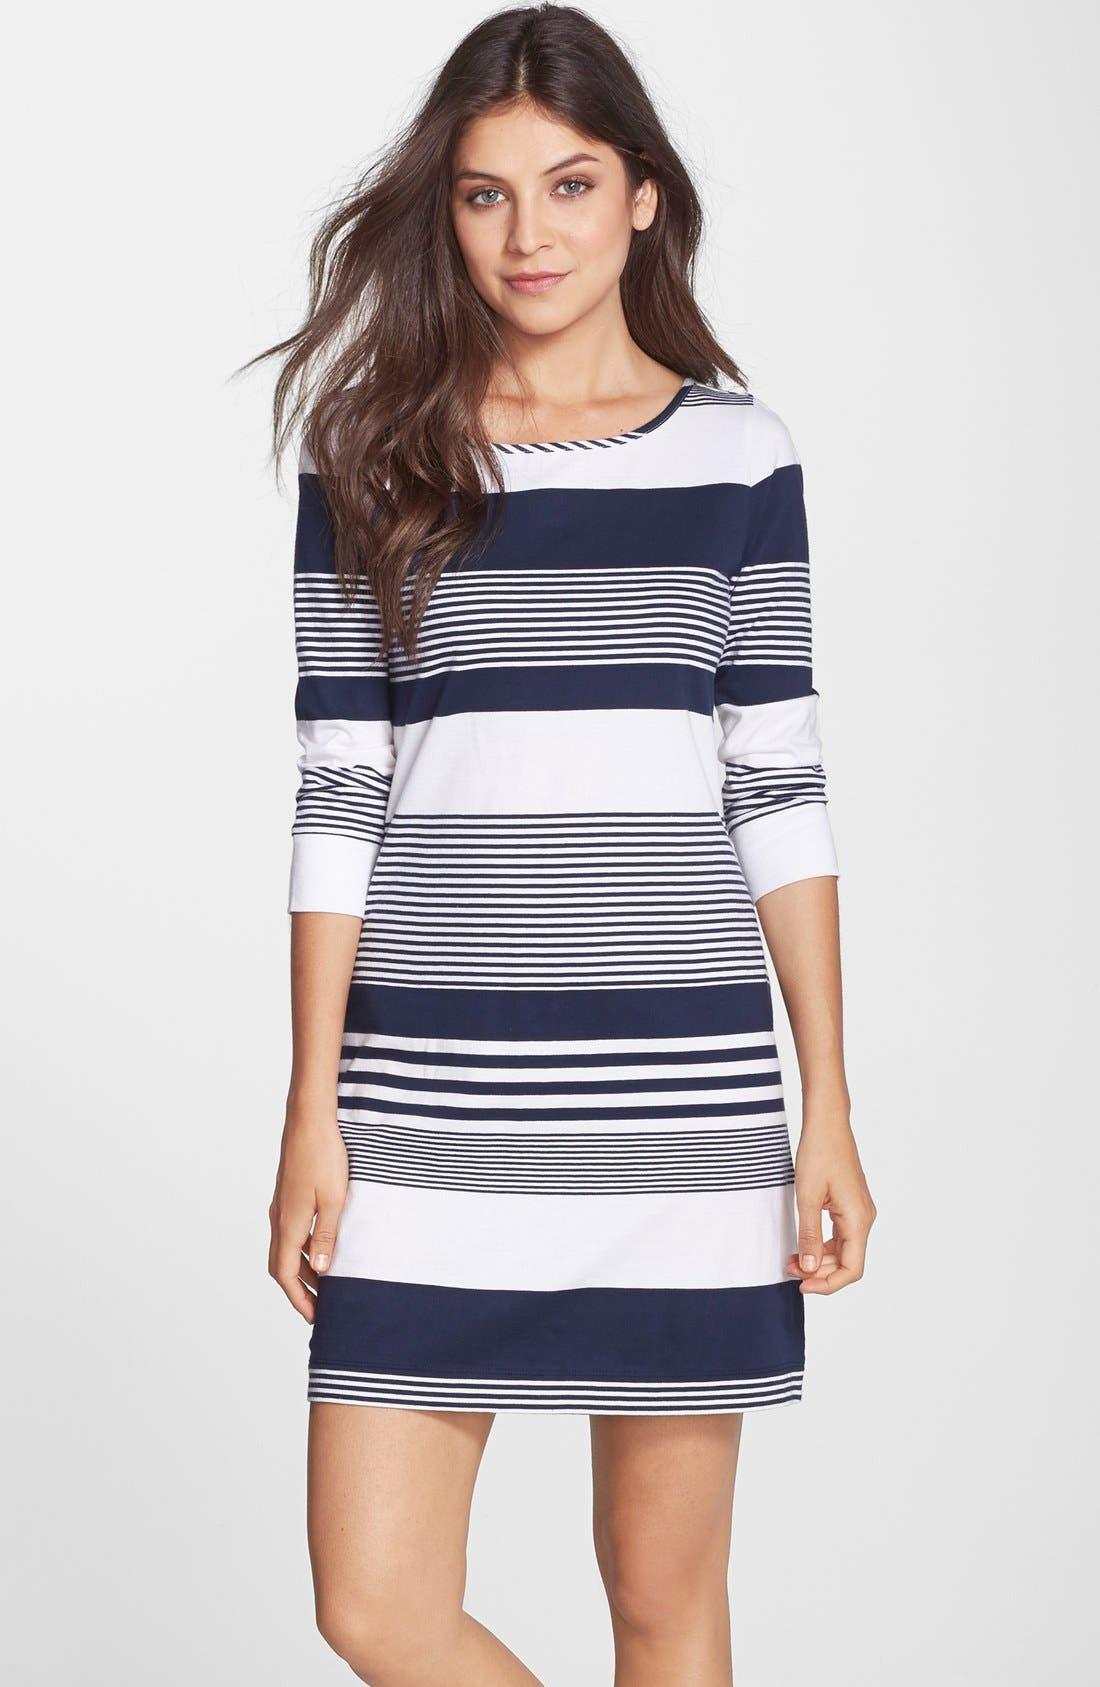 Lilly Pulitzer® Marlowe Stripe Pima Cotton Shift Dress